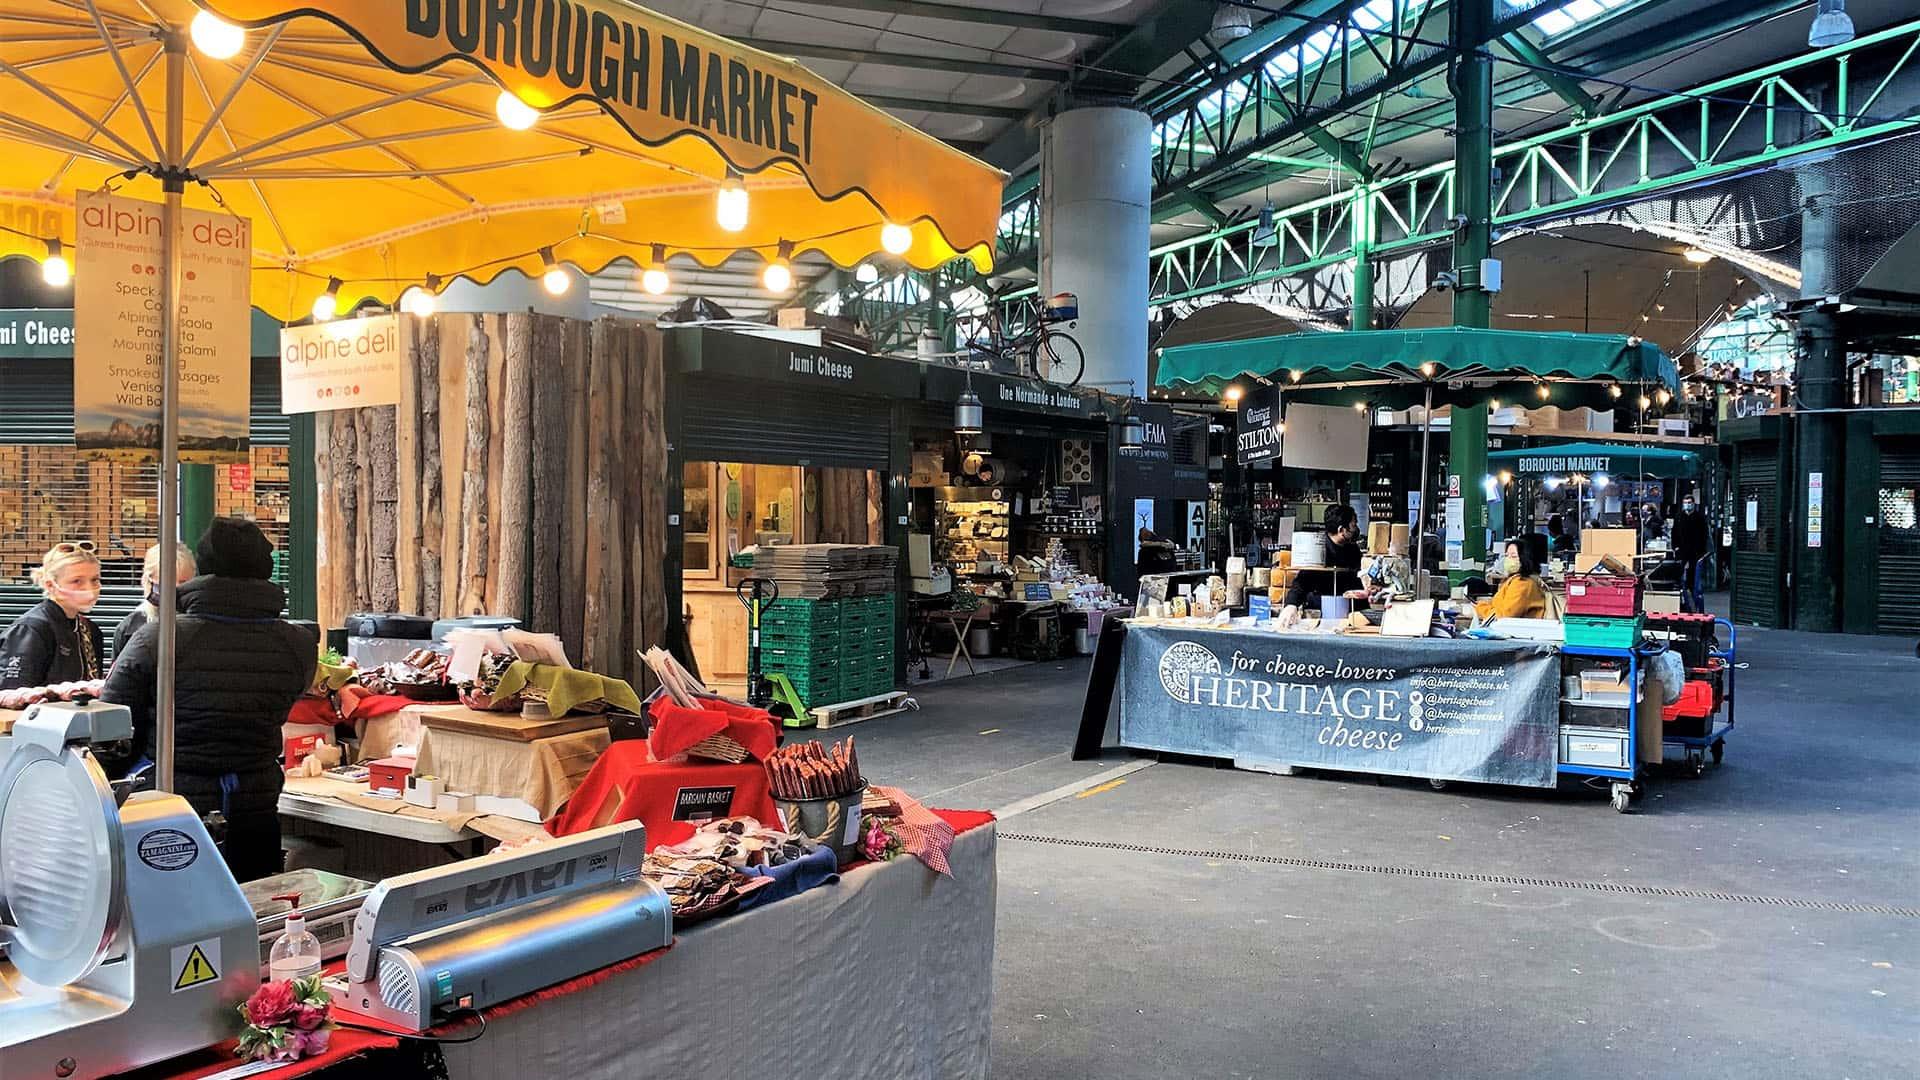 Market in London – London Virtual Tour